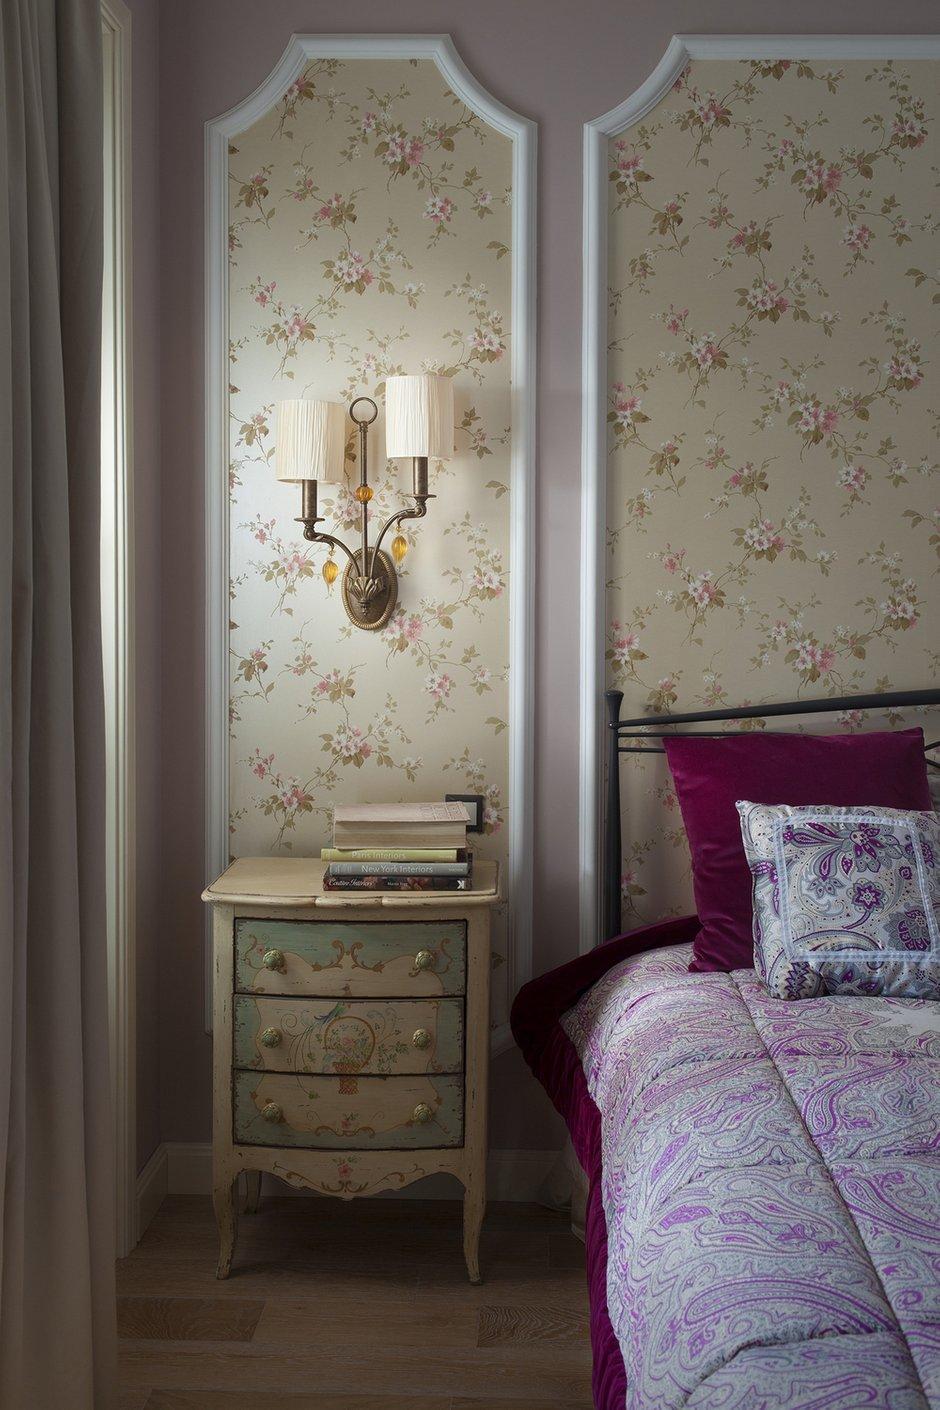 Фотография: Спальня в стиле Классический, Декор интерьера, Квартира, Guadarte, Дома и квартиры, Прованс – фото на INMYROOM